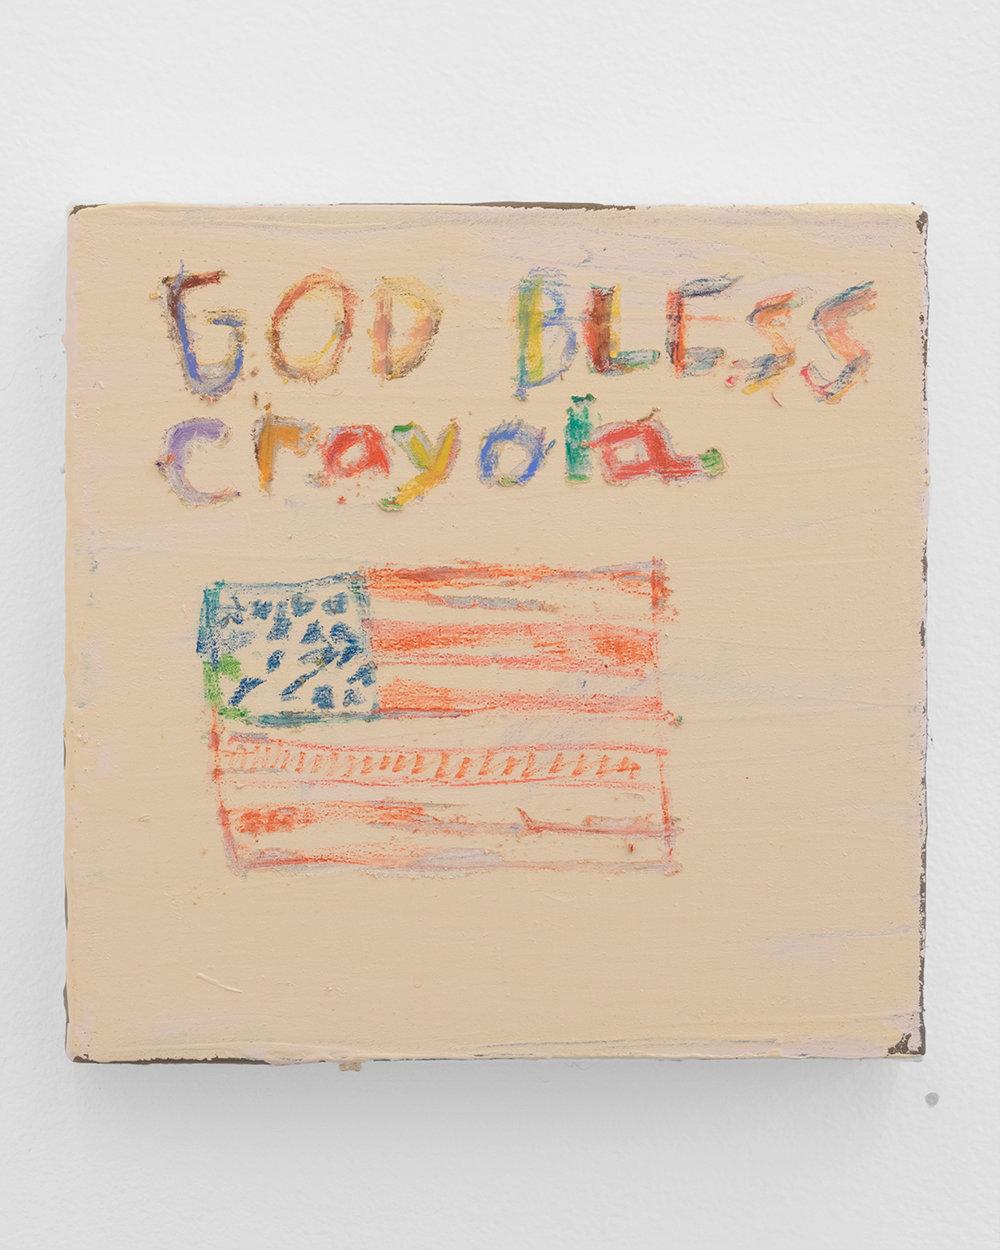 God Bless Crayola, 2018